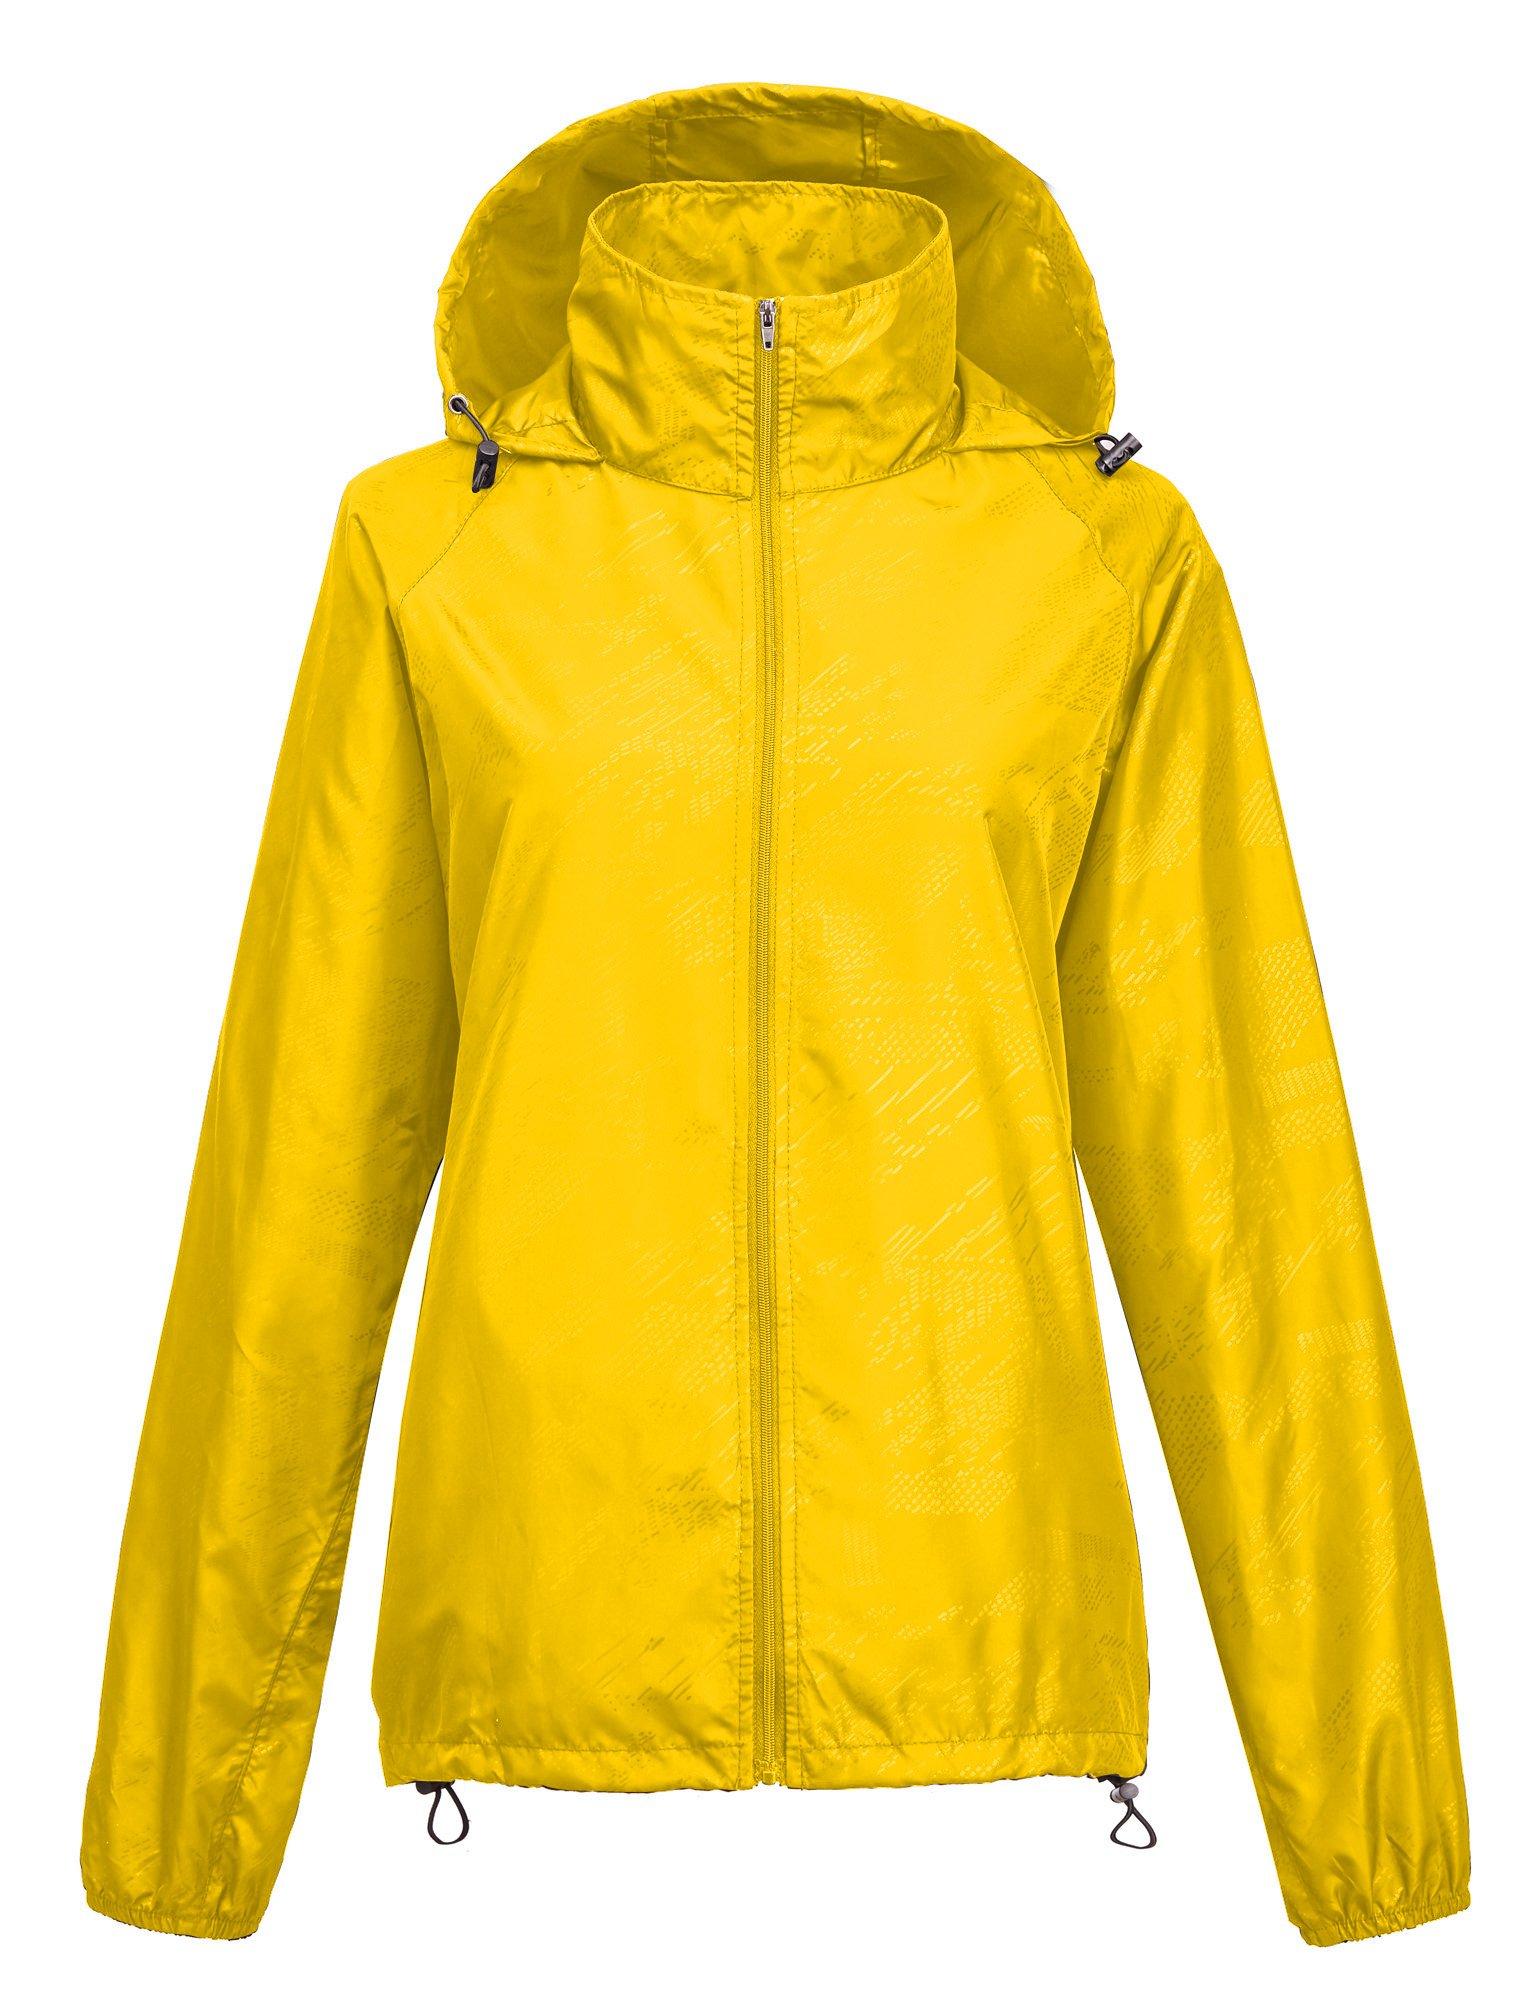 Leajoy Women's Packable Rain Jacket - Yellow M